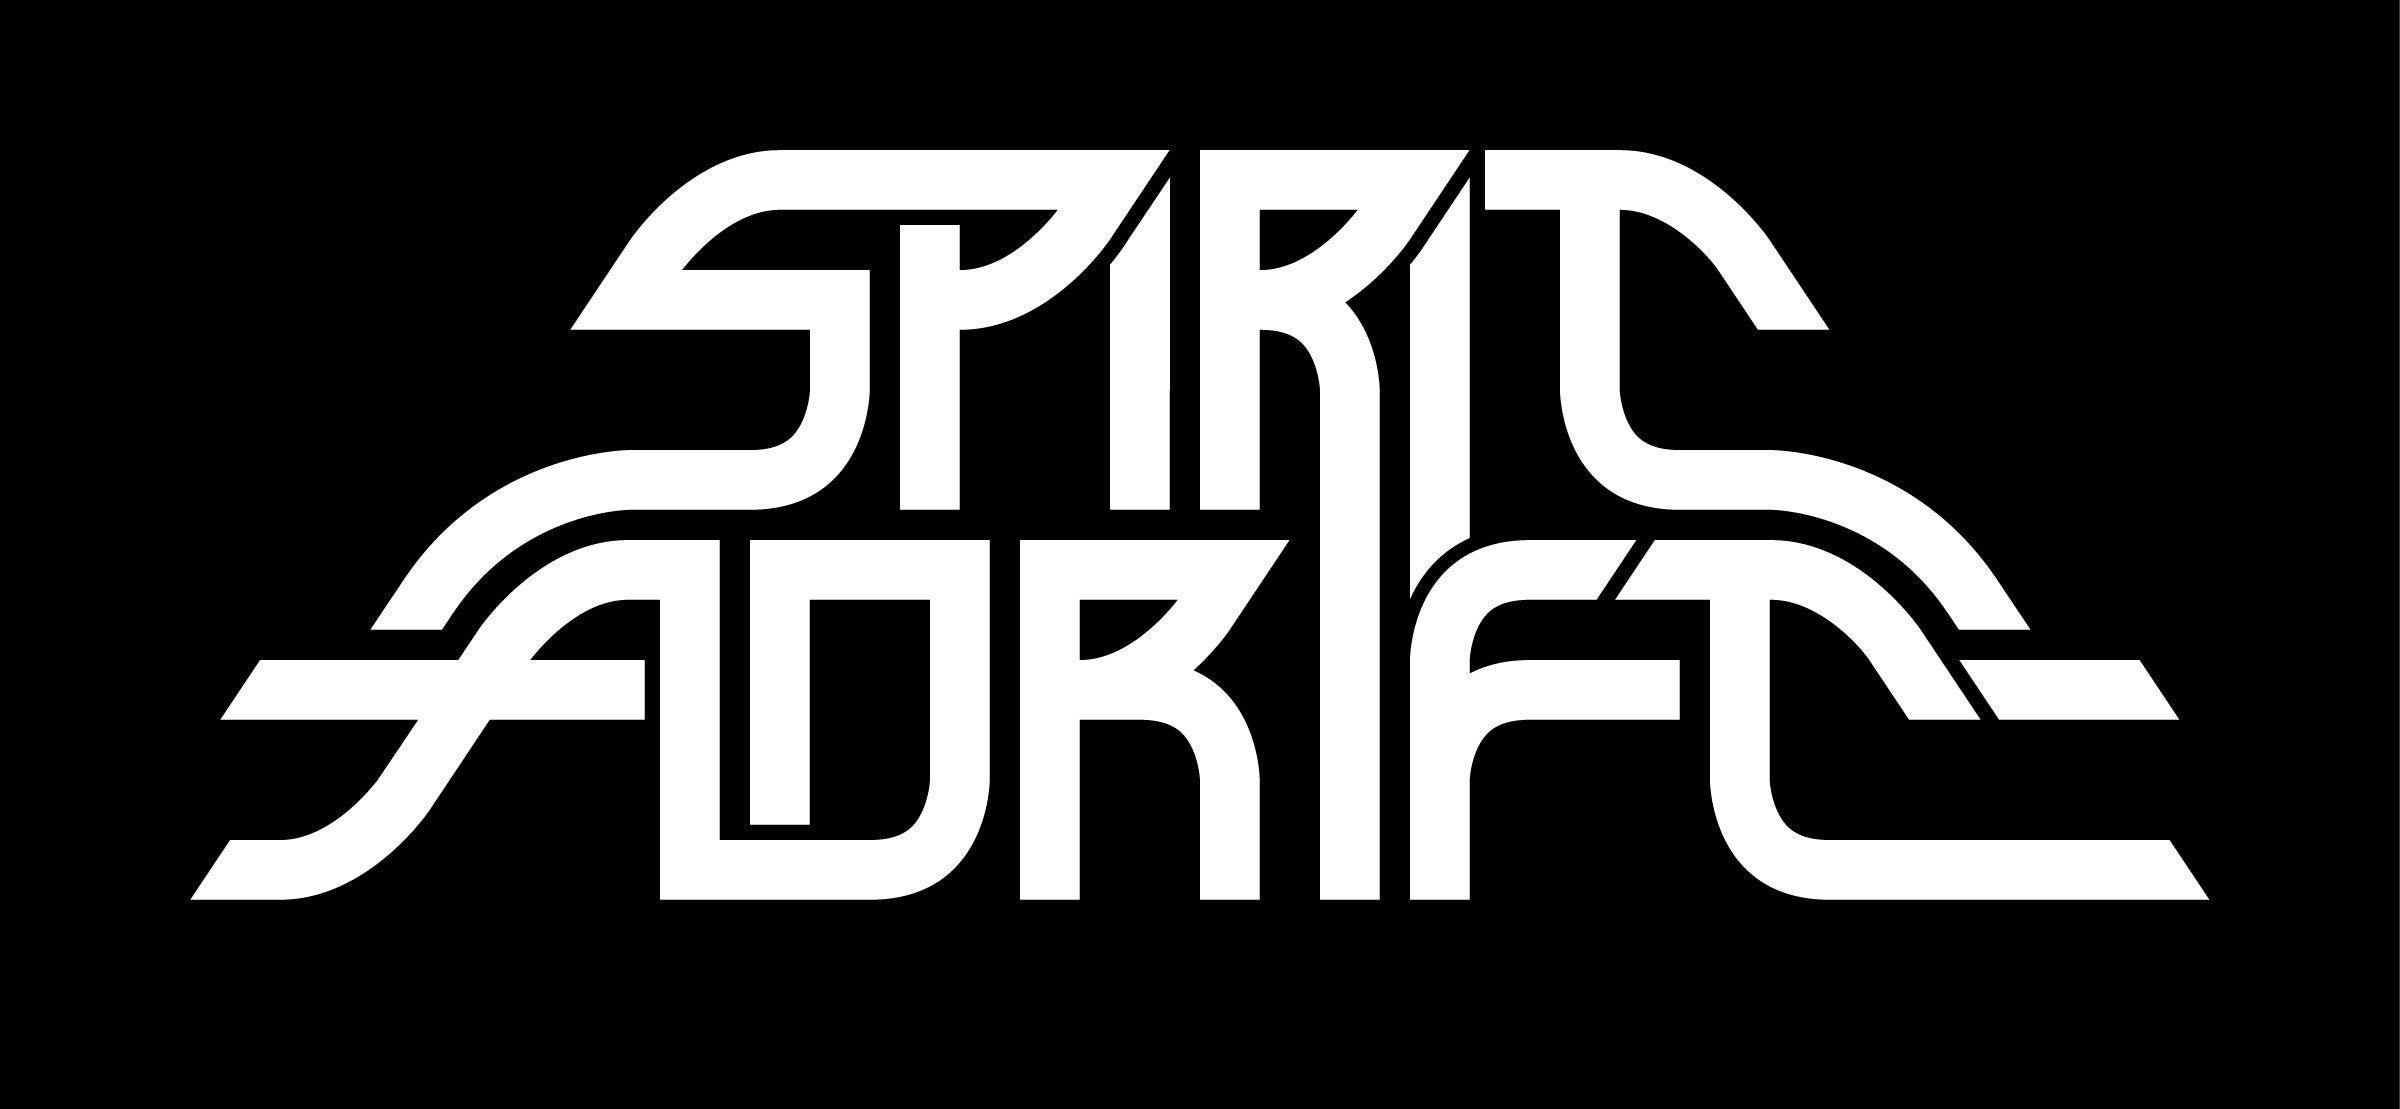 Spirit Adrift